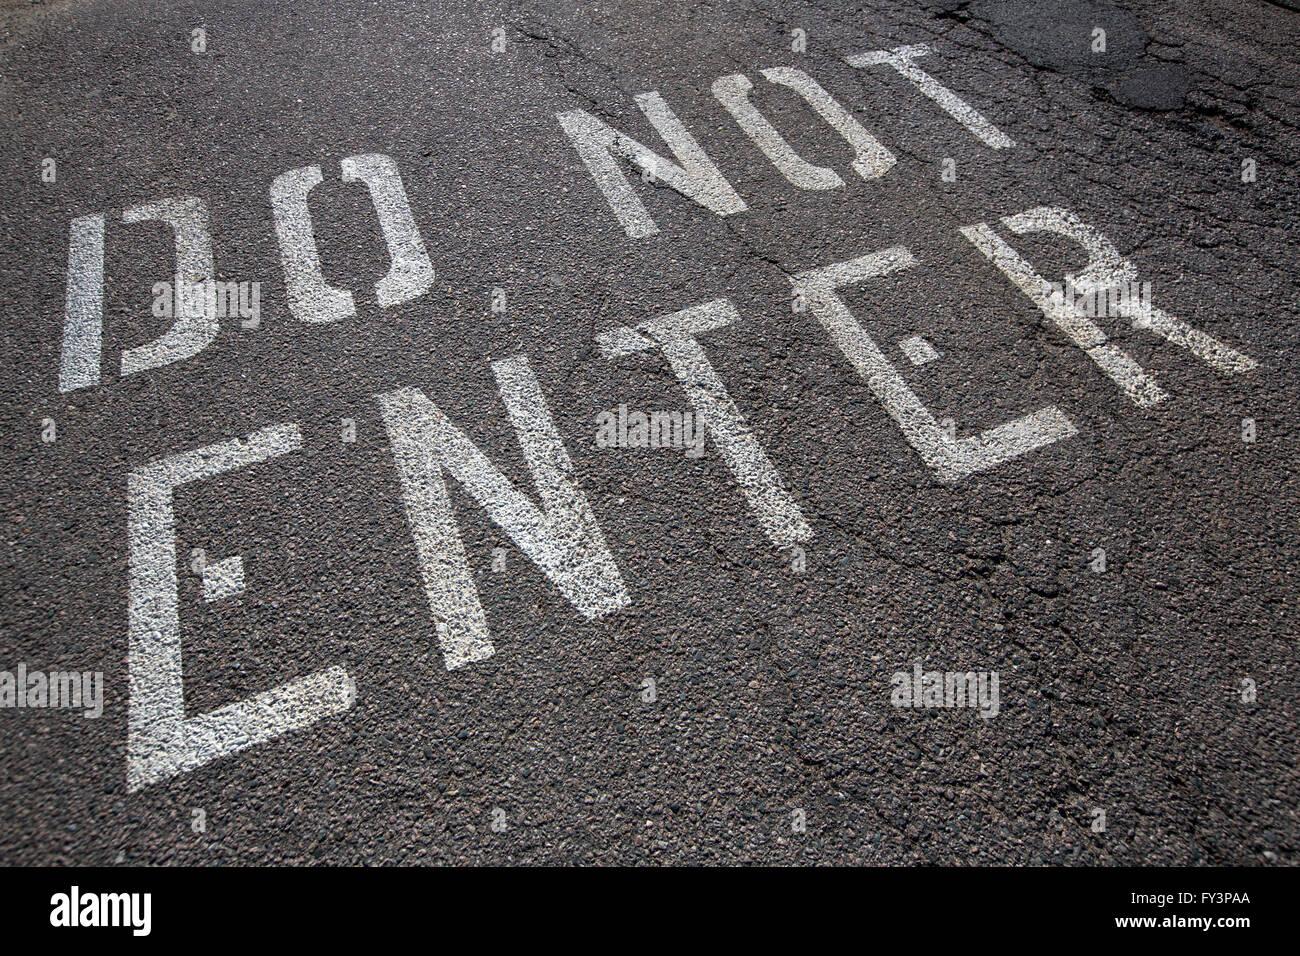 do not enter roadway warning - Stock Image